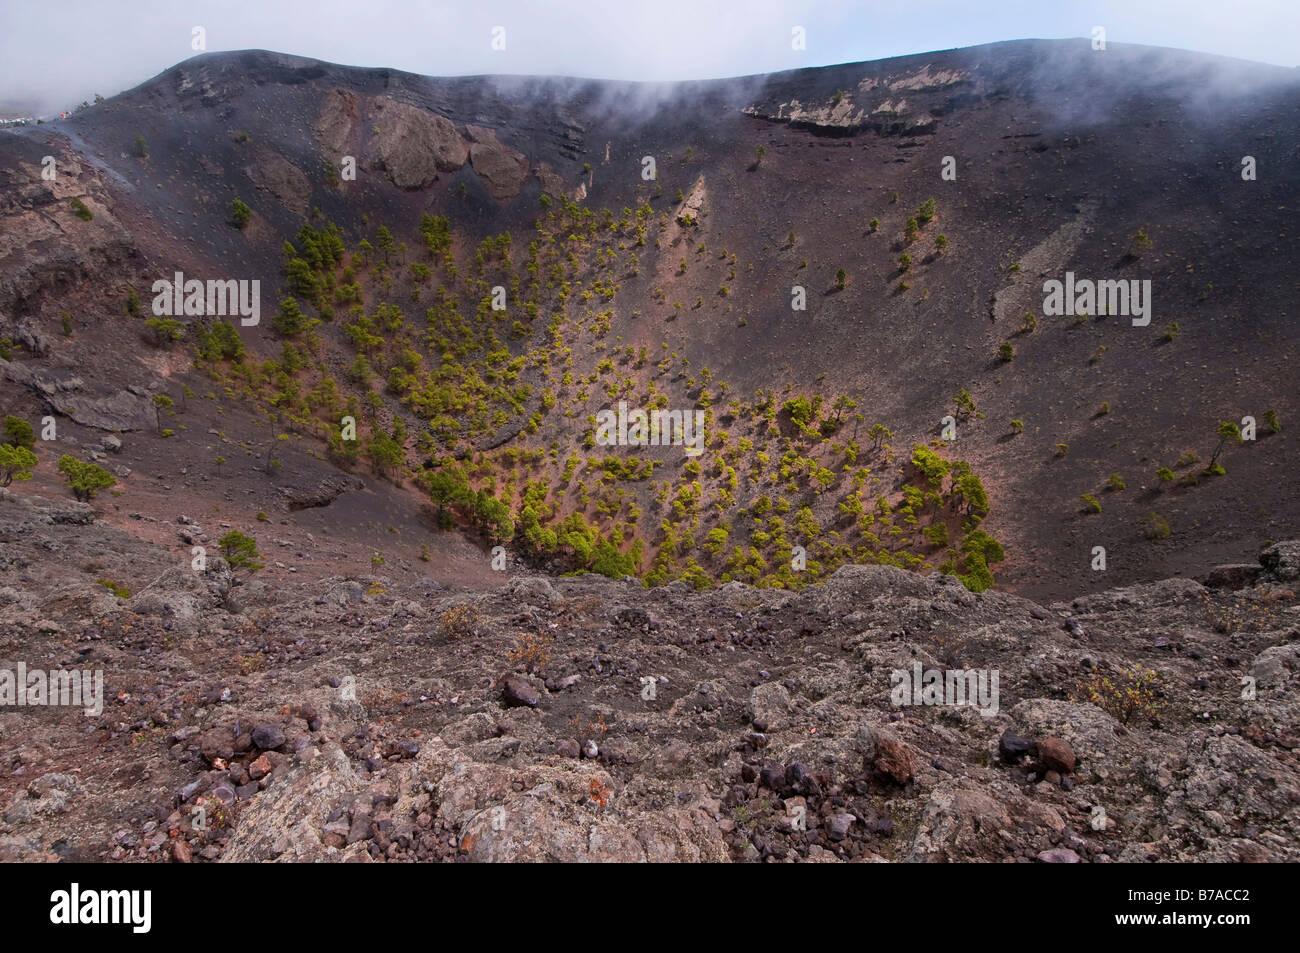 San Antonio-Vulkan, Vulkankrater, La Palma, Kanarische Inseln, Spanien, Europa Stockbild